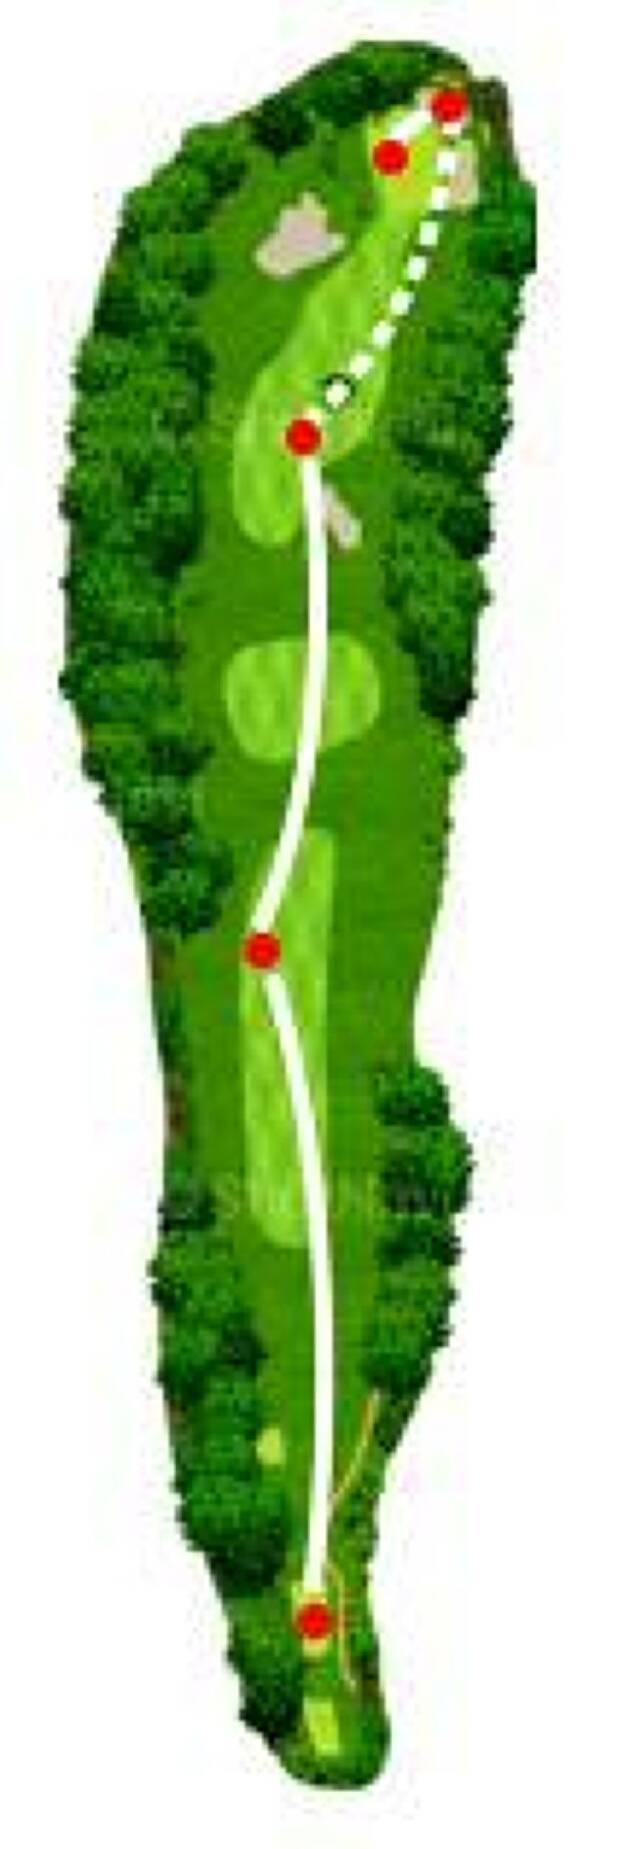 目の前の大木でグリーンを狙えない!、木の下からUTで転がしてグリーンを狙うと?